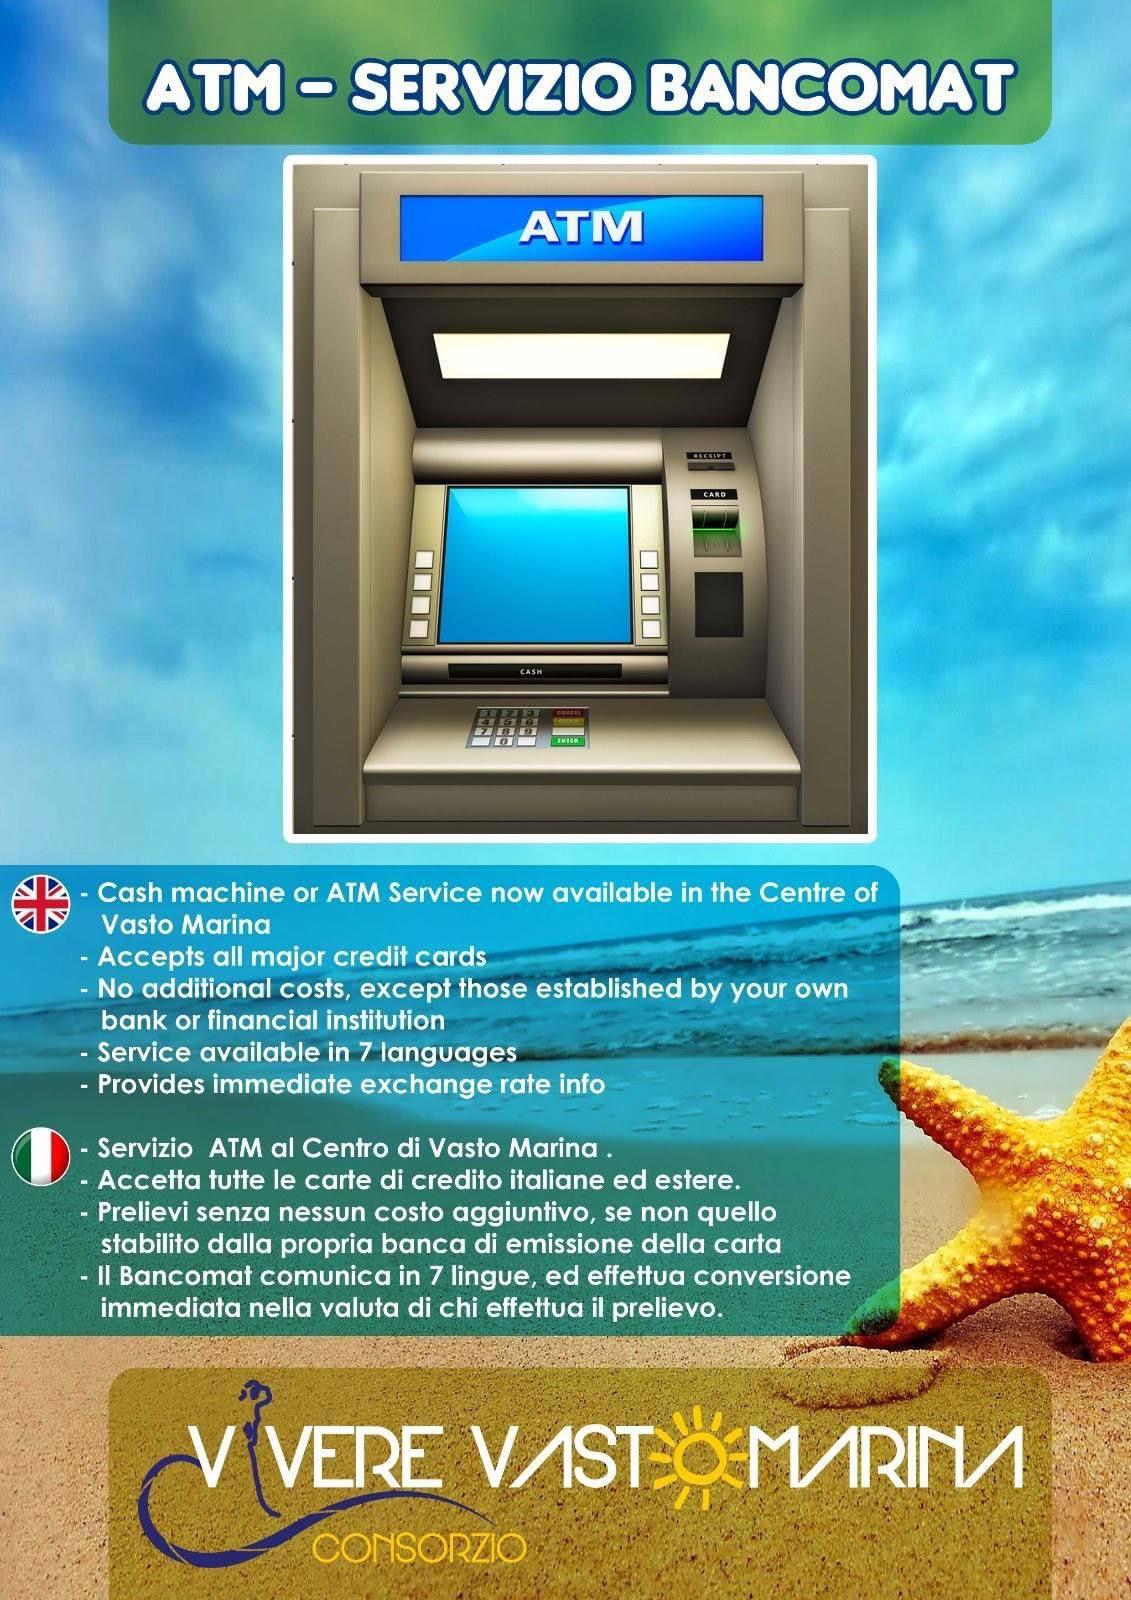 ATM-SERVIZIO BANCOMAT VASTO MARINA